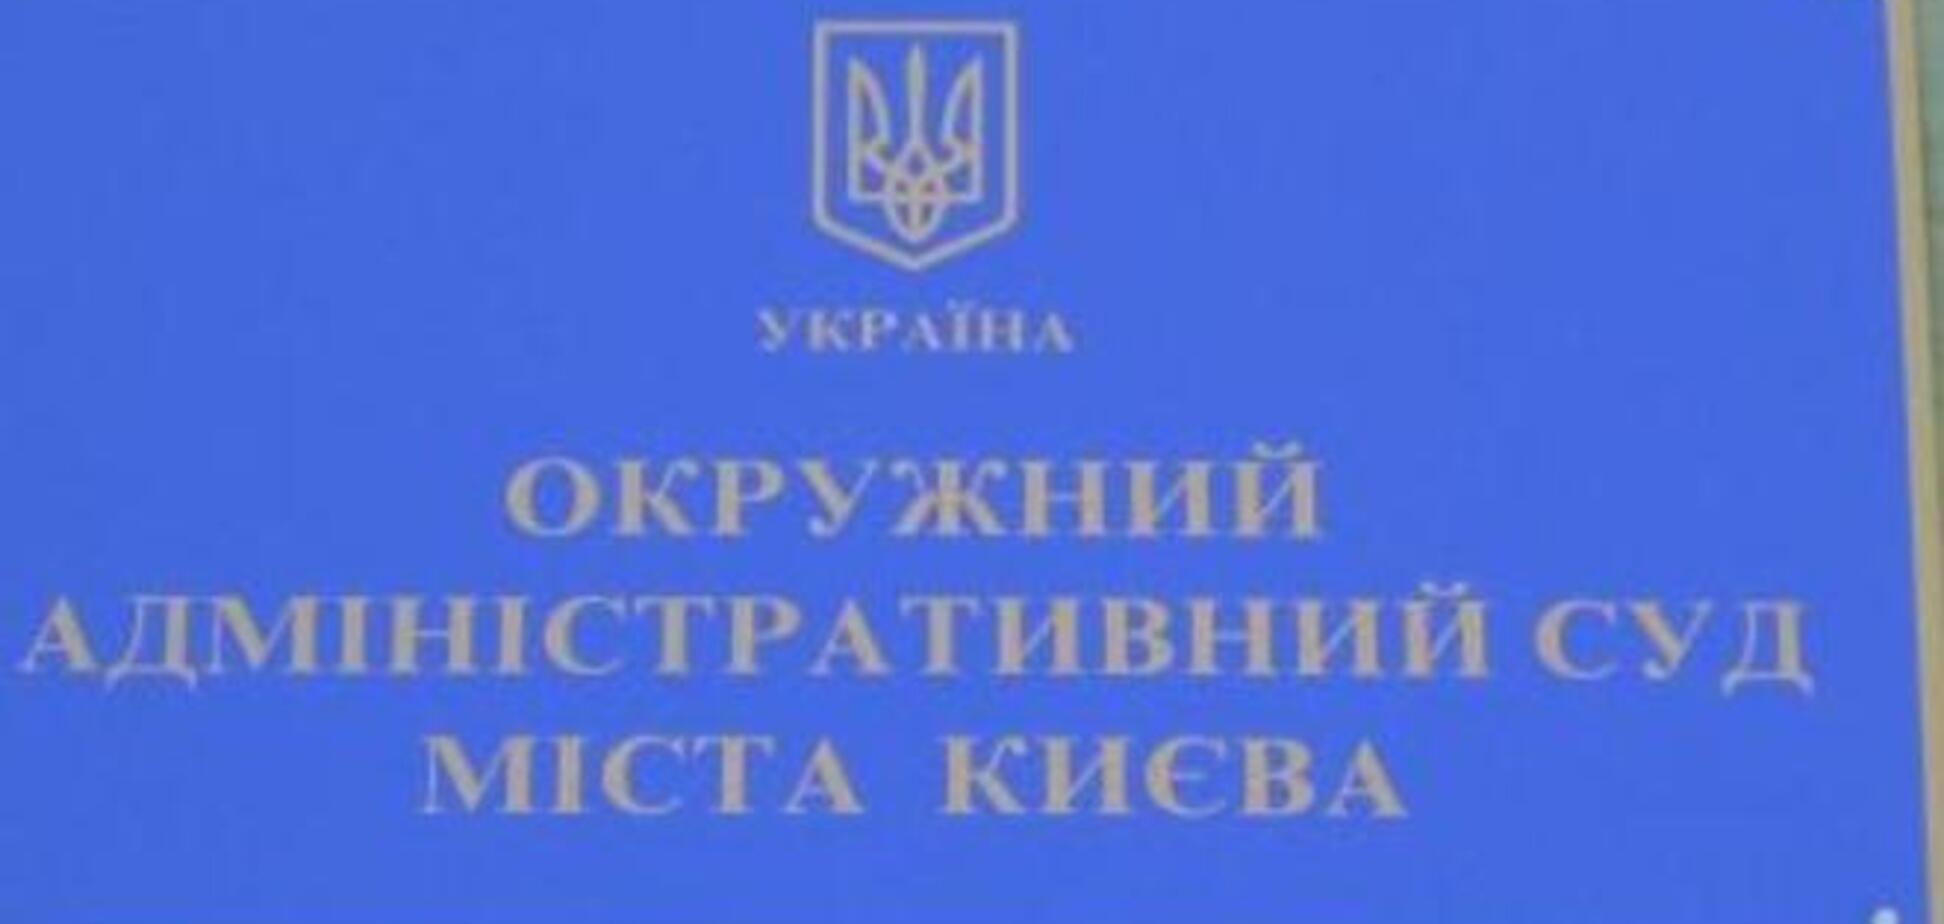 Окружной админсуд связывает обыски с делом о запрете КПУ и другими резонансными делами